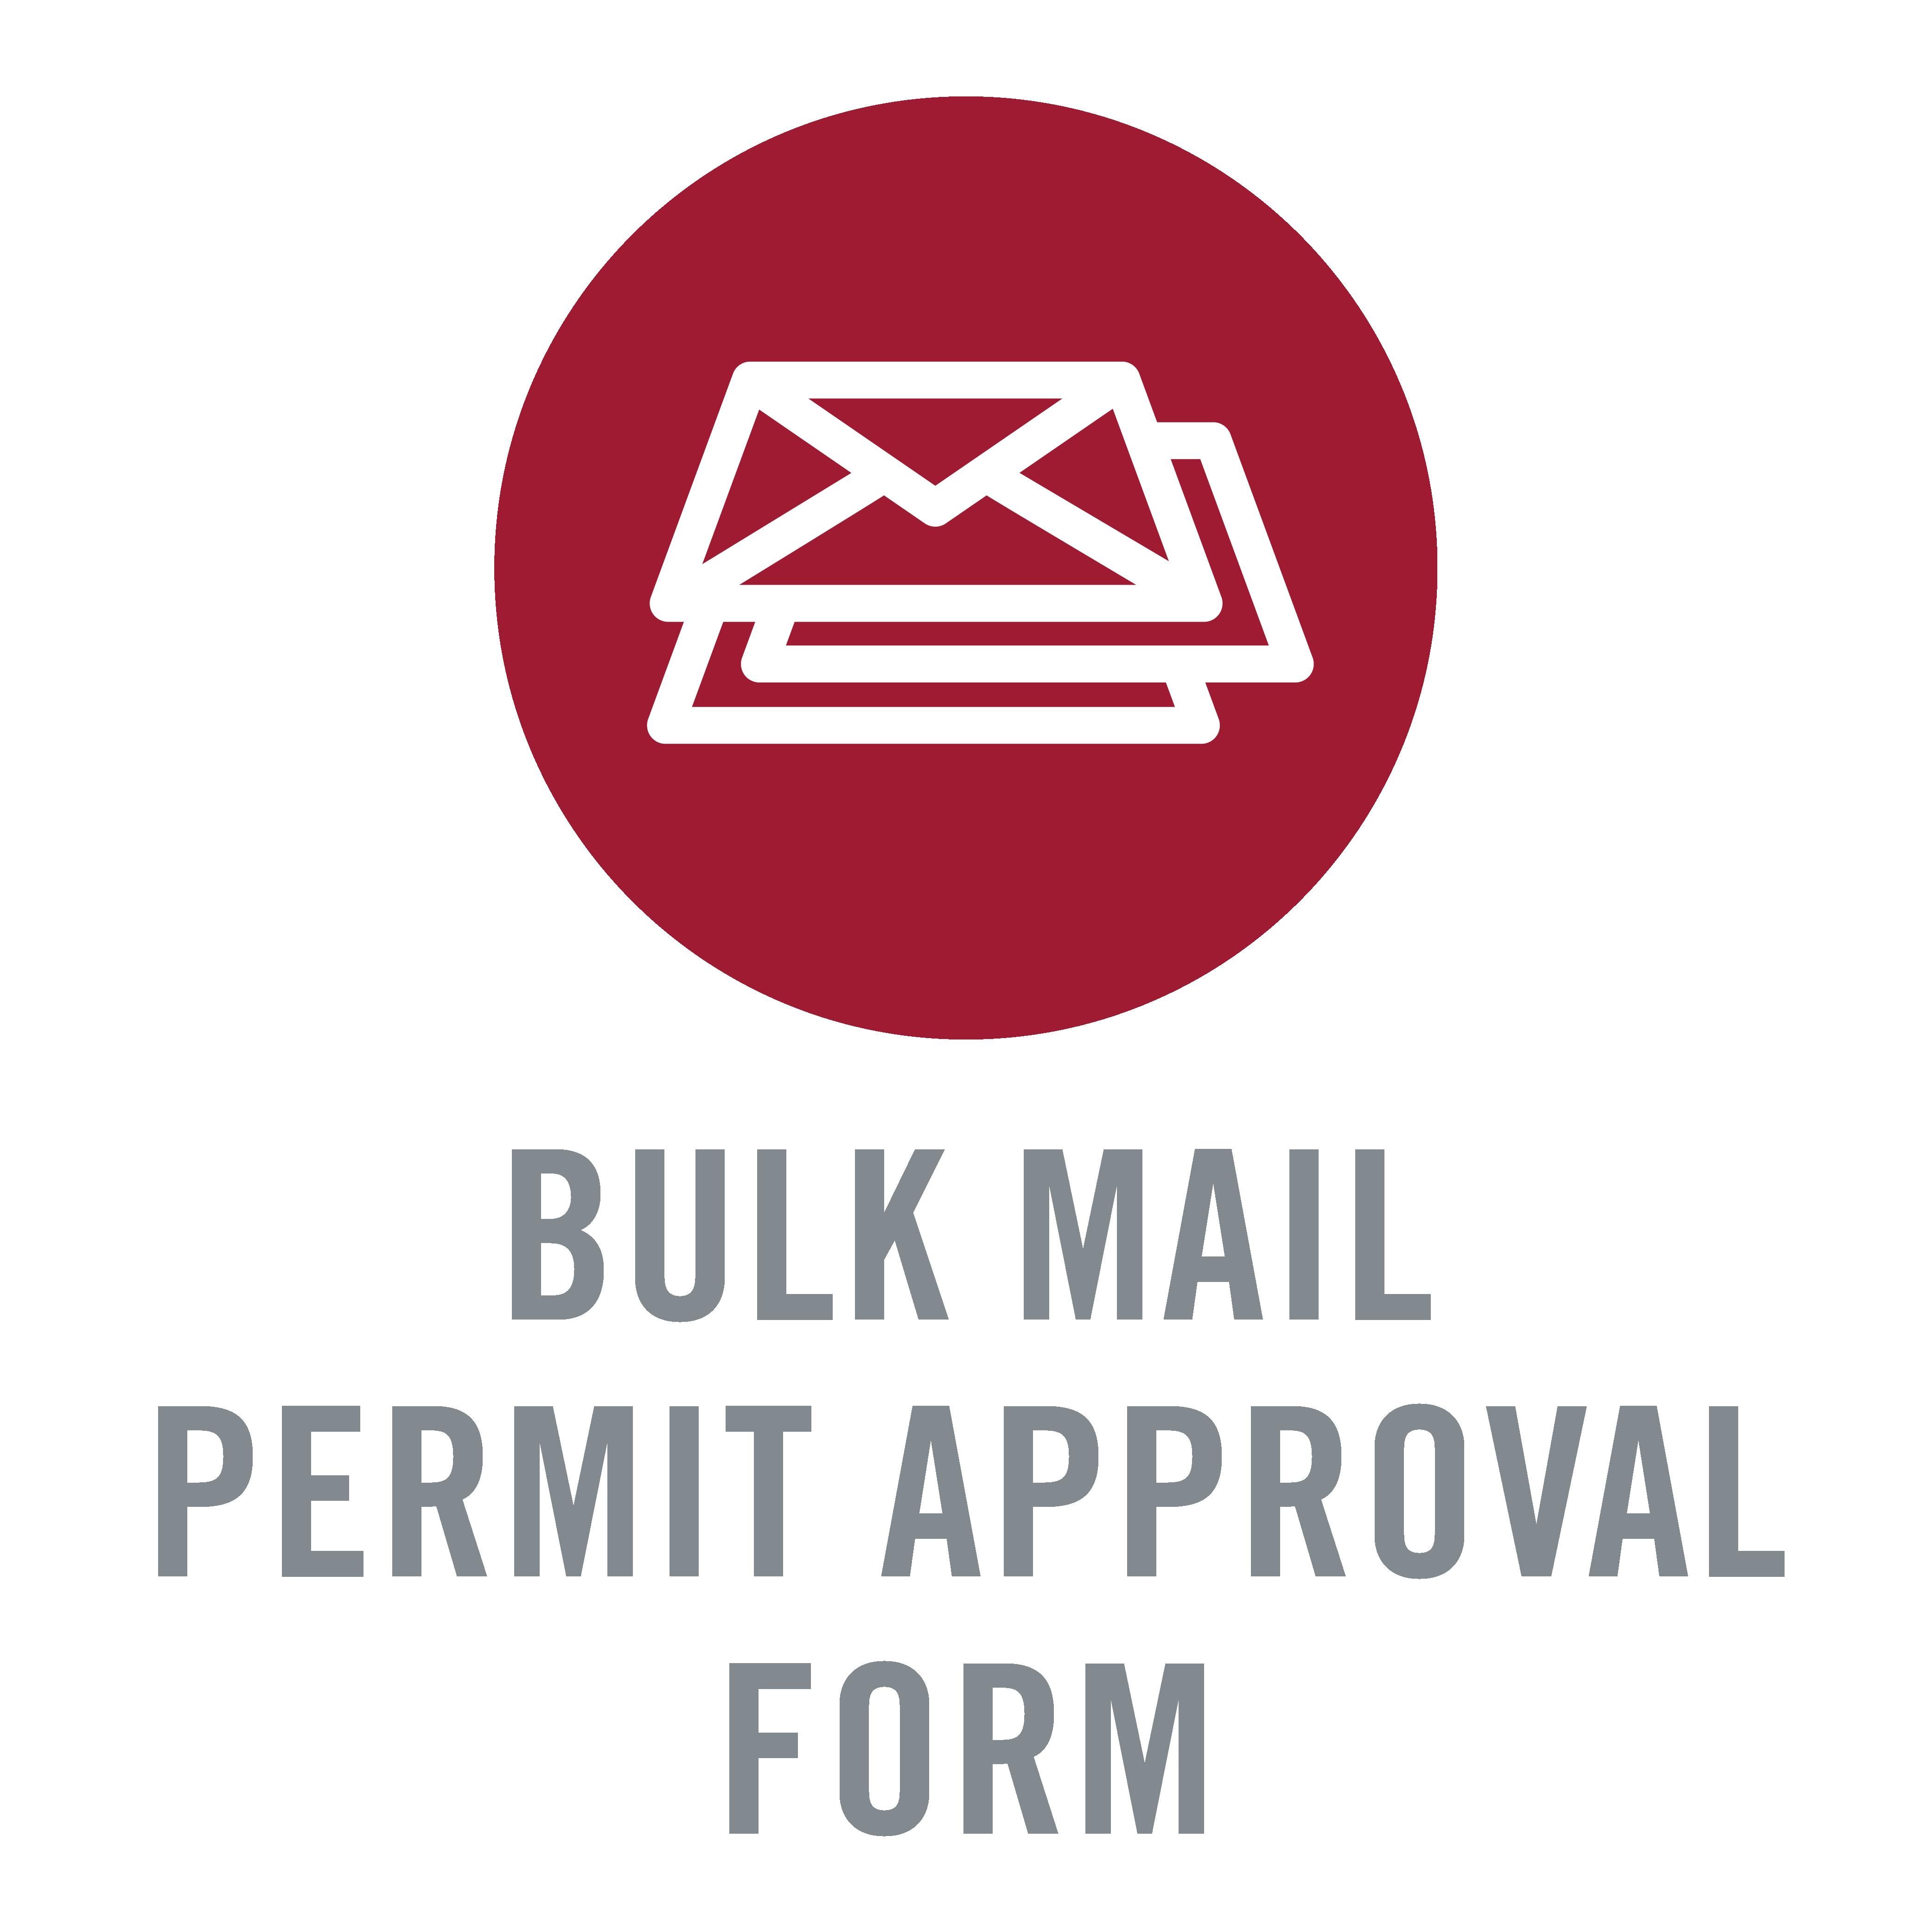 Bulk Mail Form